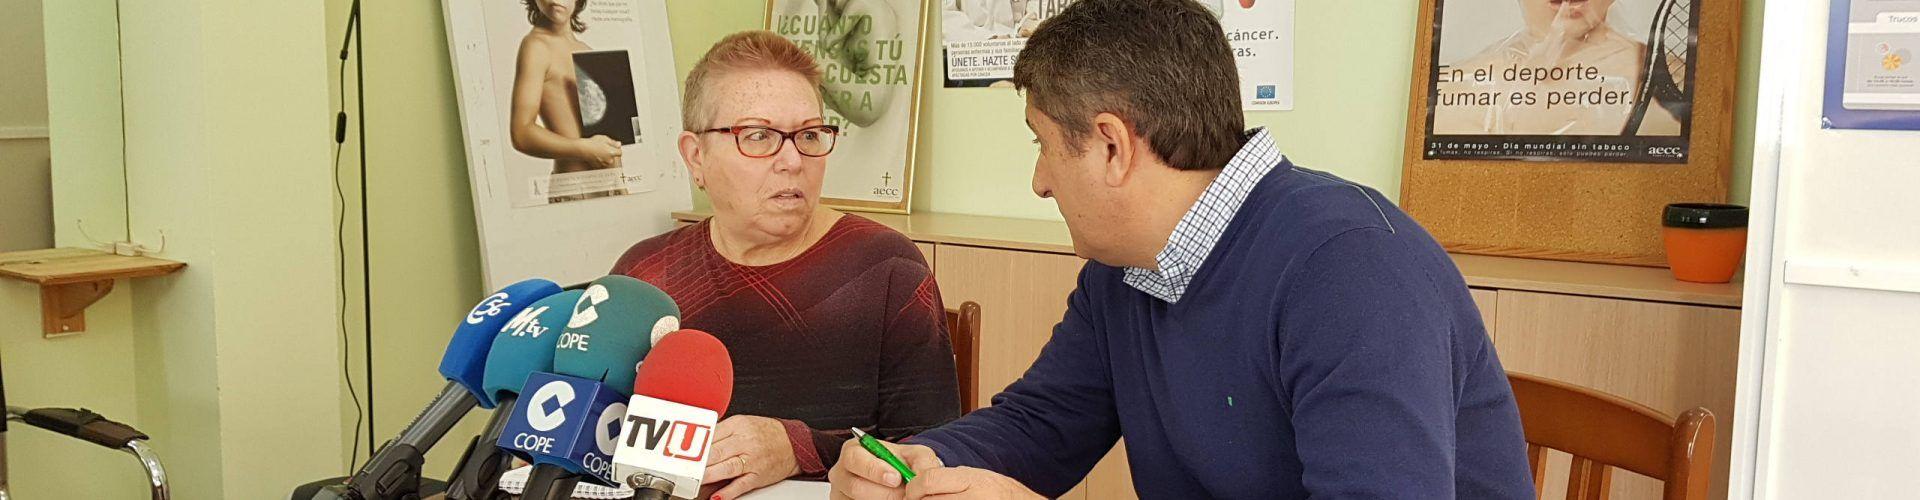 La asociación contra el cáncer de Vinaròs urge nuevos voluntarios